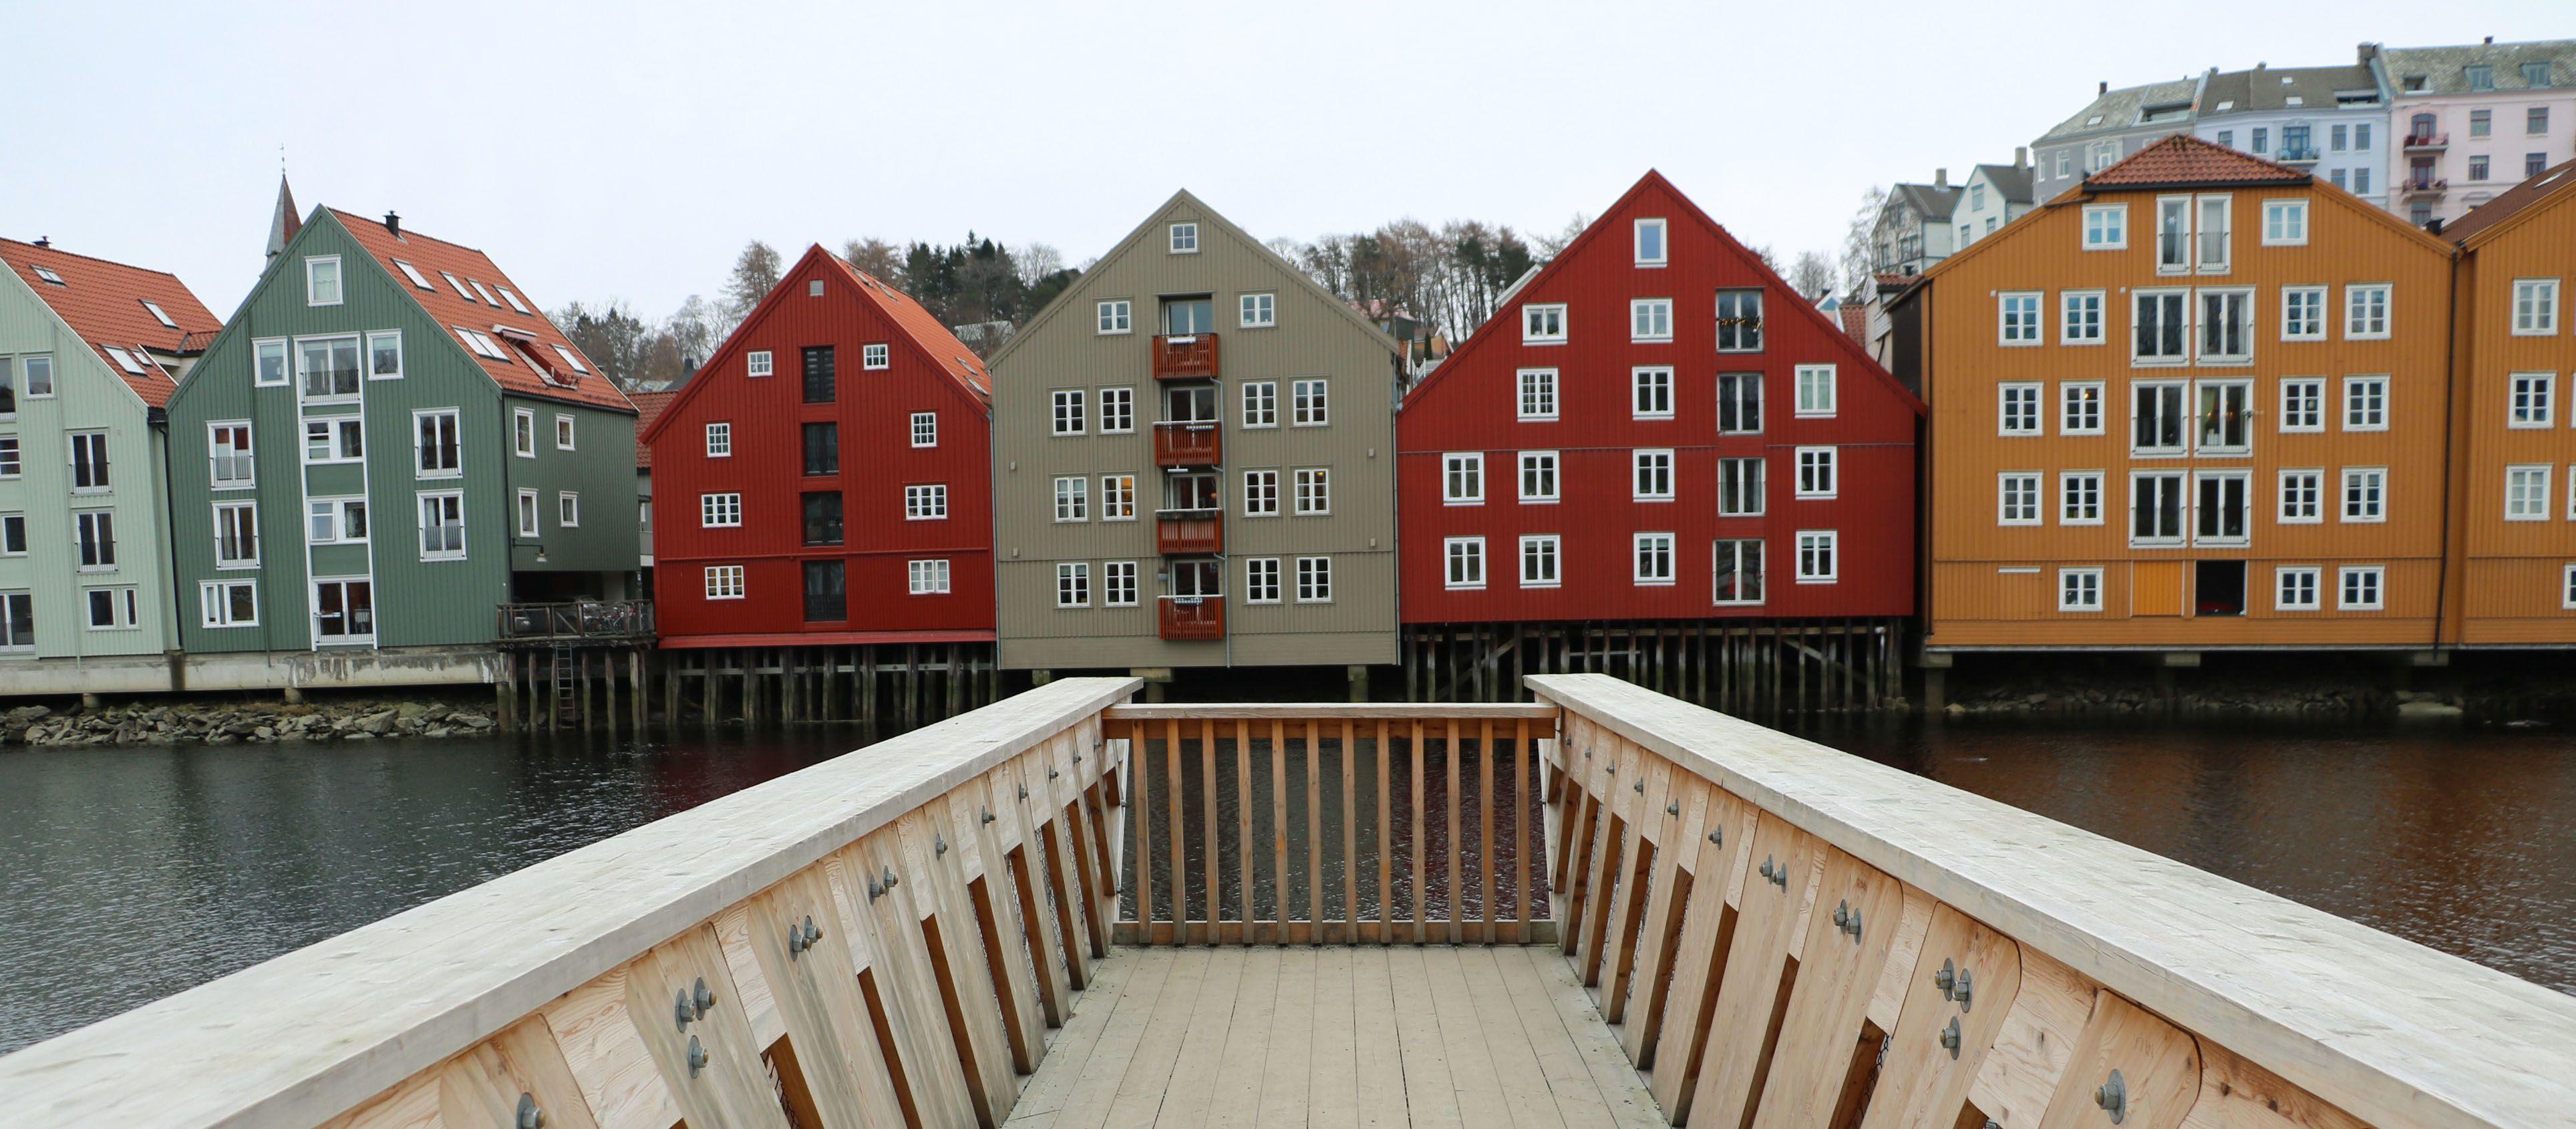 Ein Holzsteg über dem Wasser, in Trondheim.